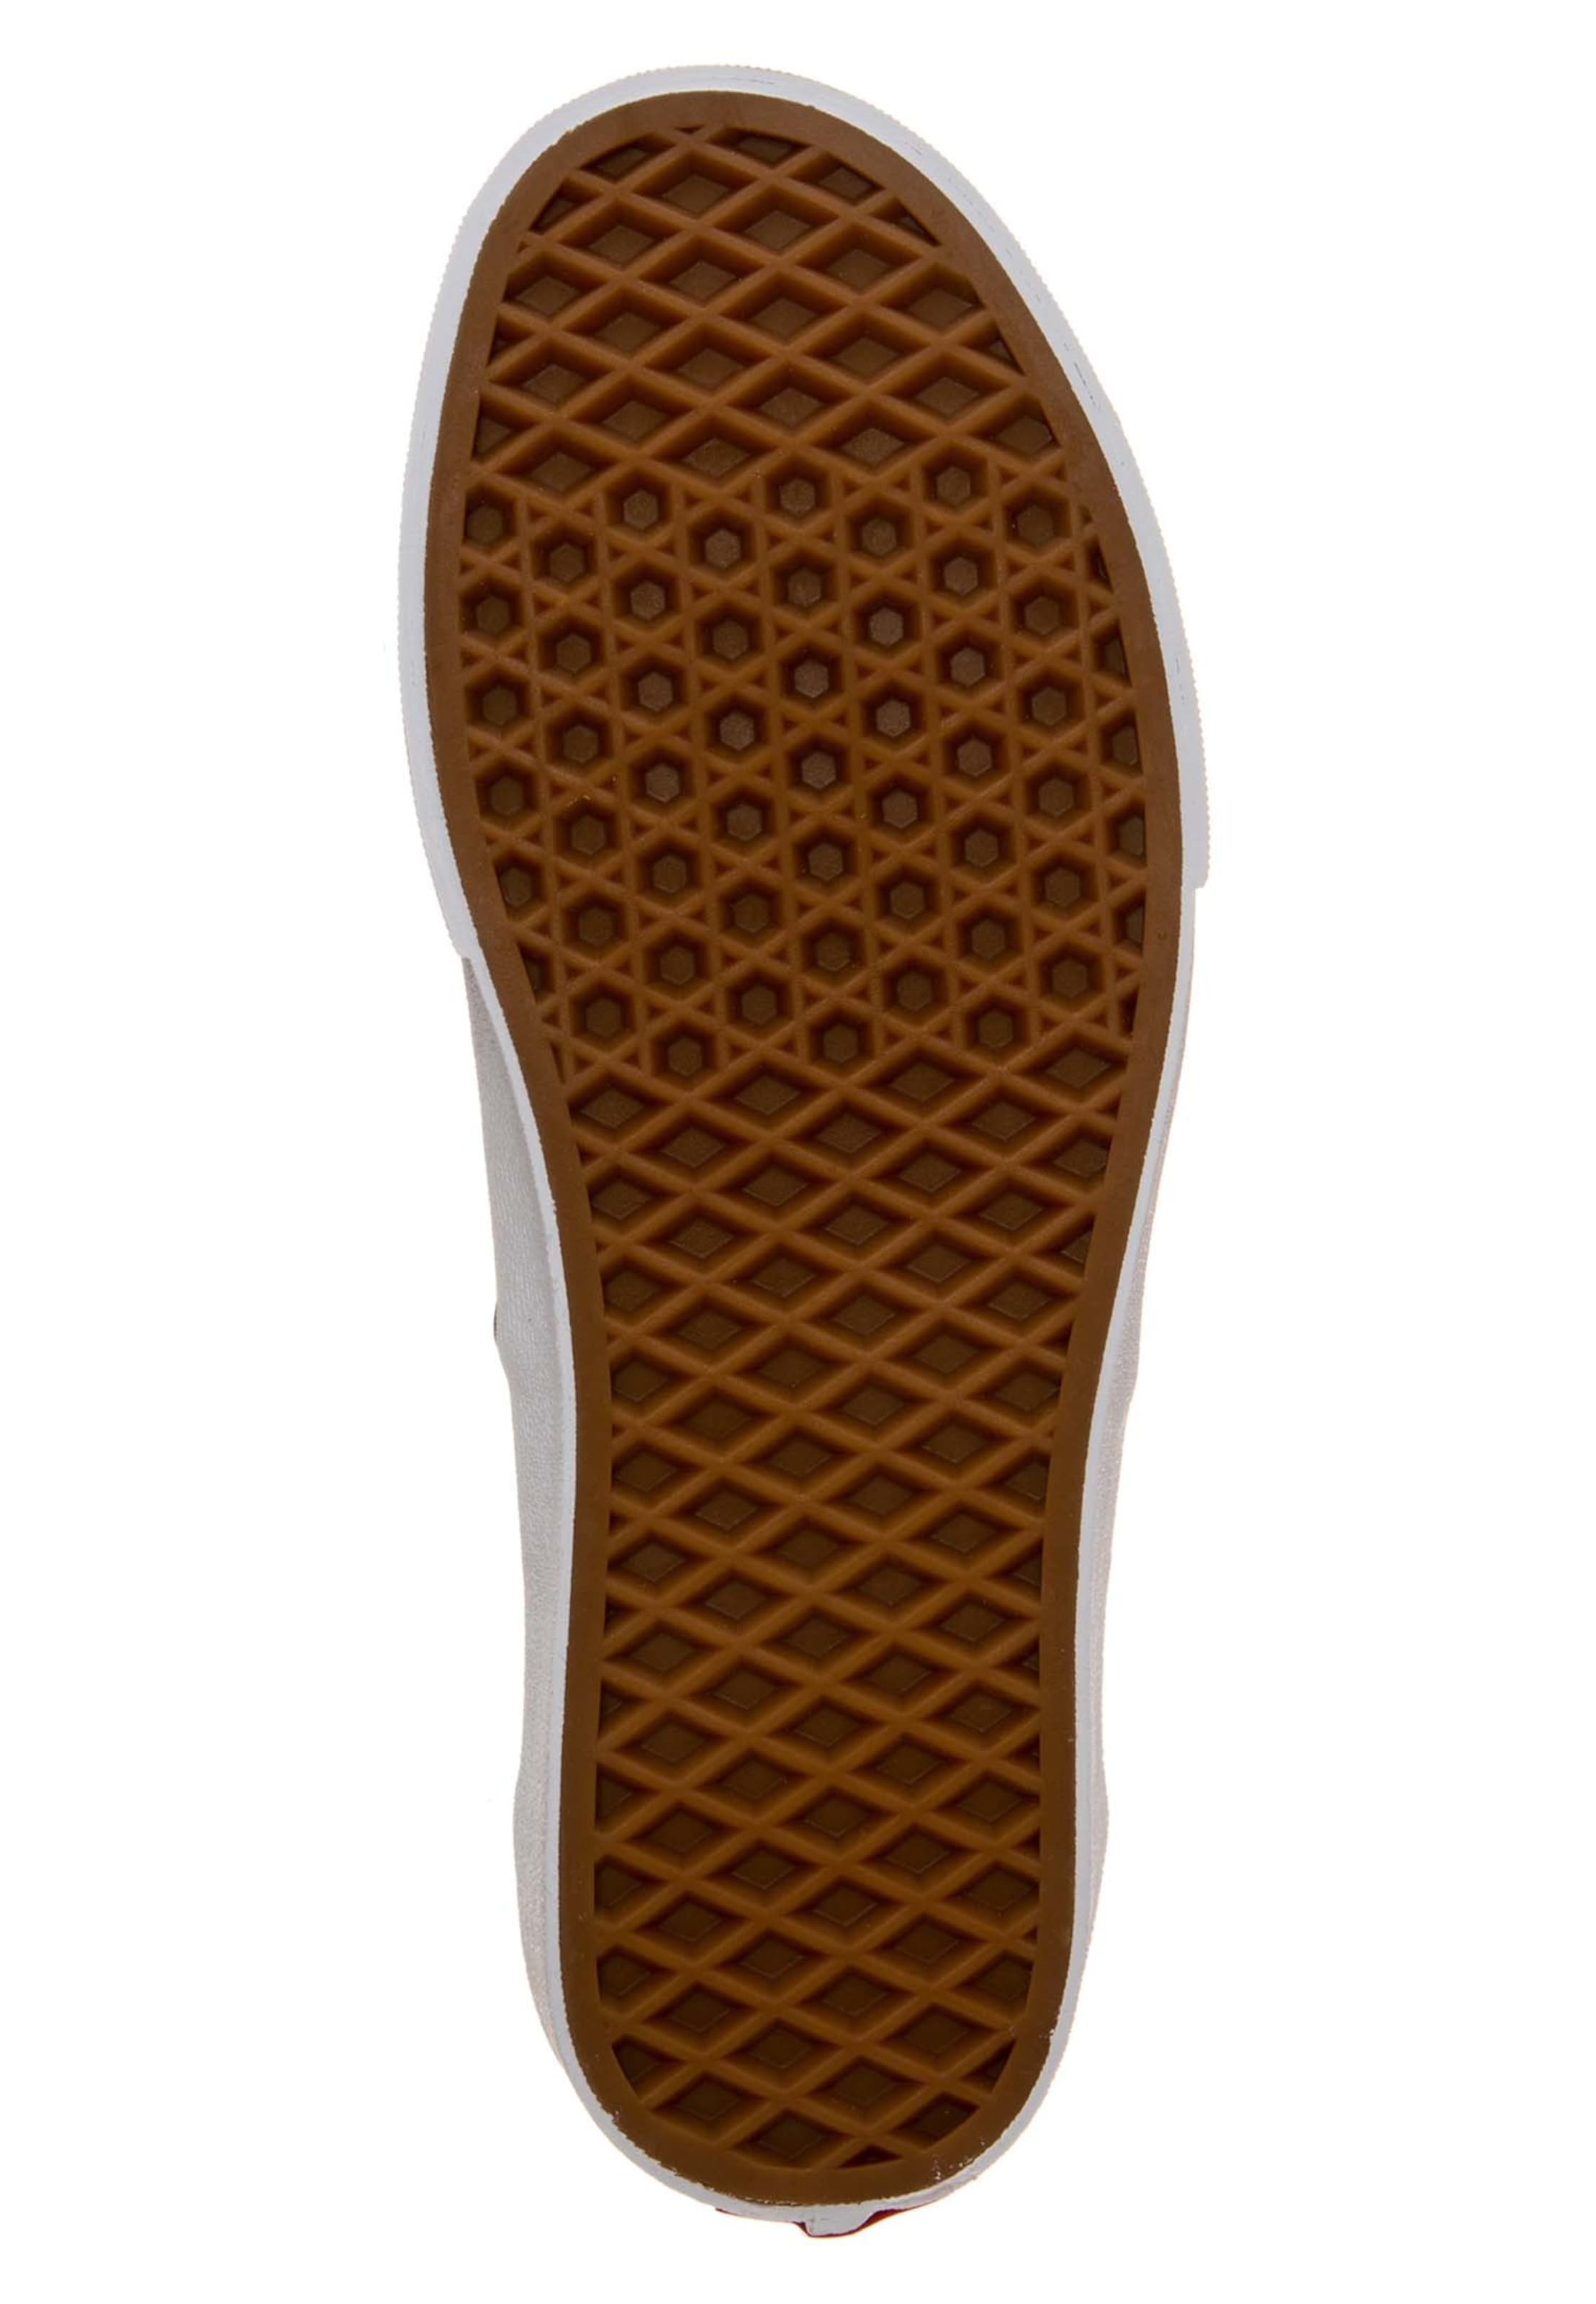 VANS Authentic Sneaker Damen Ebay Günstiger Preis Günstig Kaufen Footlocker Finish Bester Verkauf Günstig Online LLqPOb